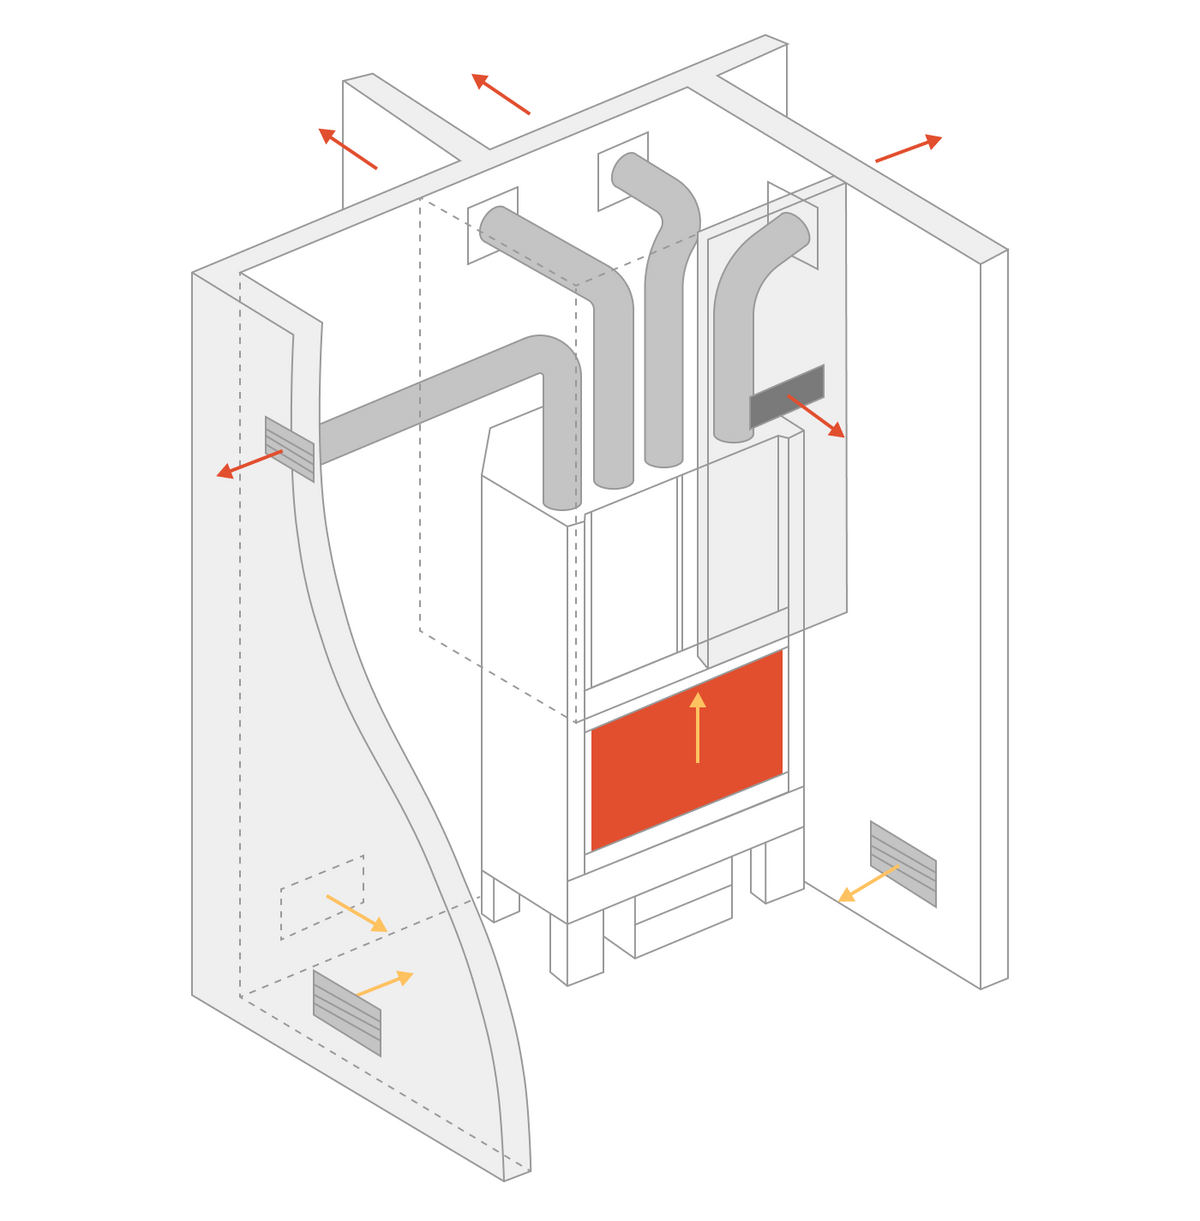 Принцип работы камина с воздушным отоплением: теплый воздух разводится по помещениям с помощью системы воздуховодов